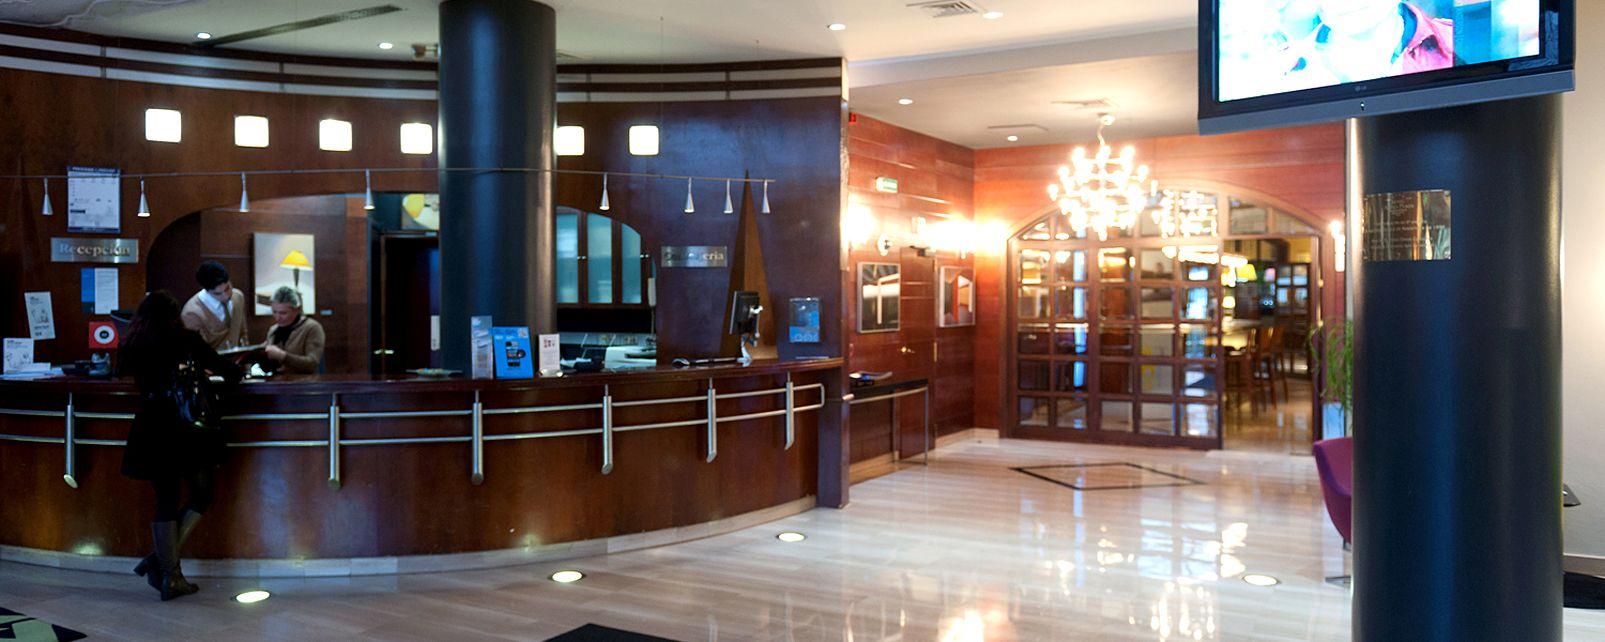 Hôtel Silken Amara Plaza